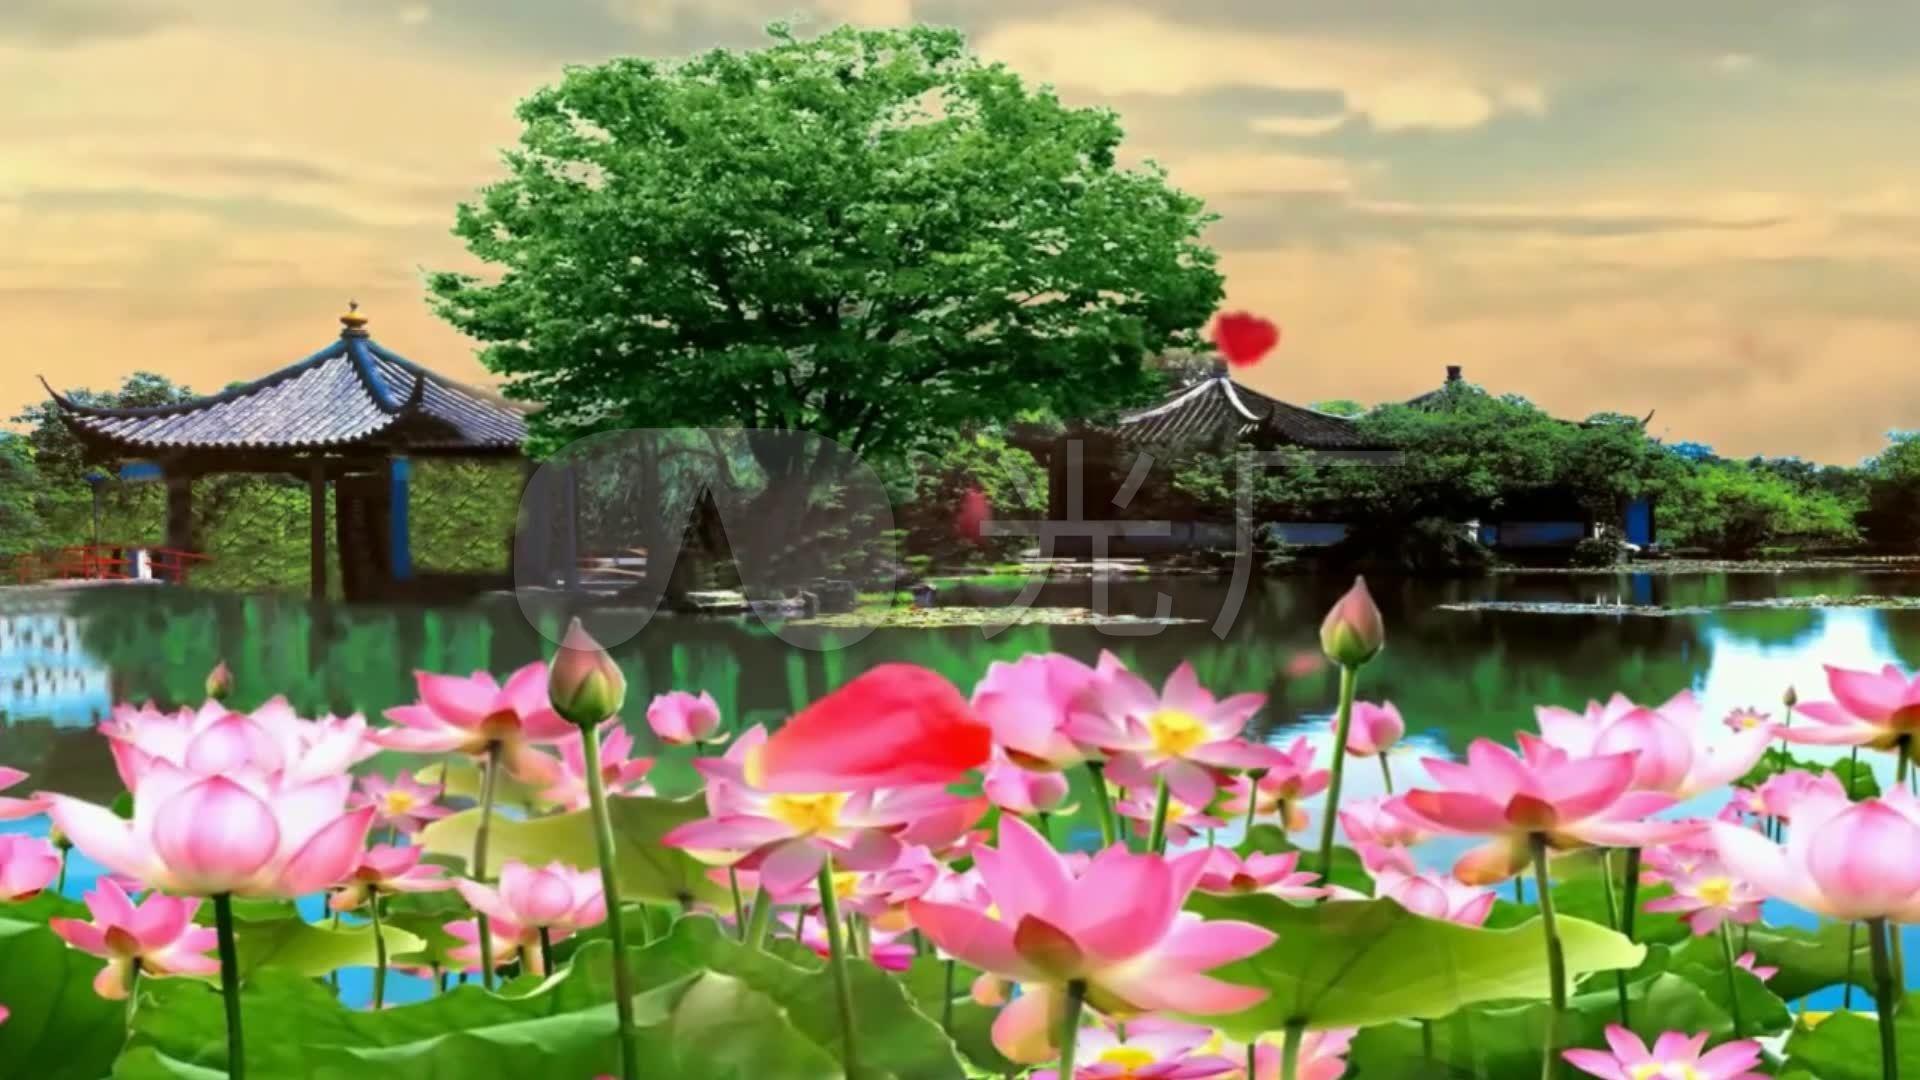 背景《太湖美》视频视频_1920X1080_歌曲视悟空剧高清斗图片